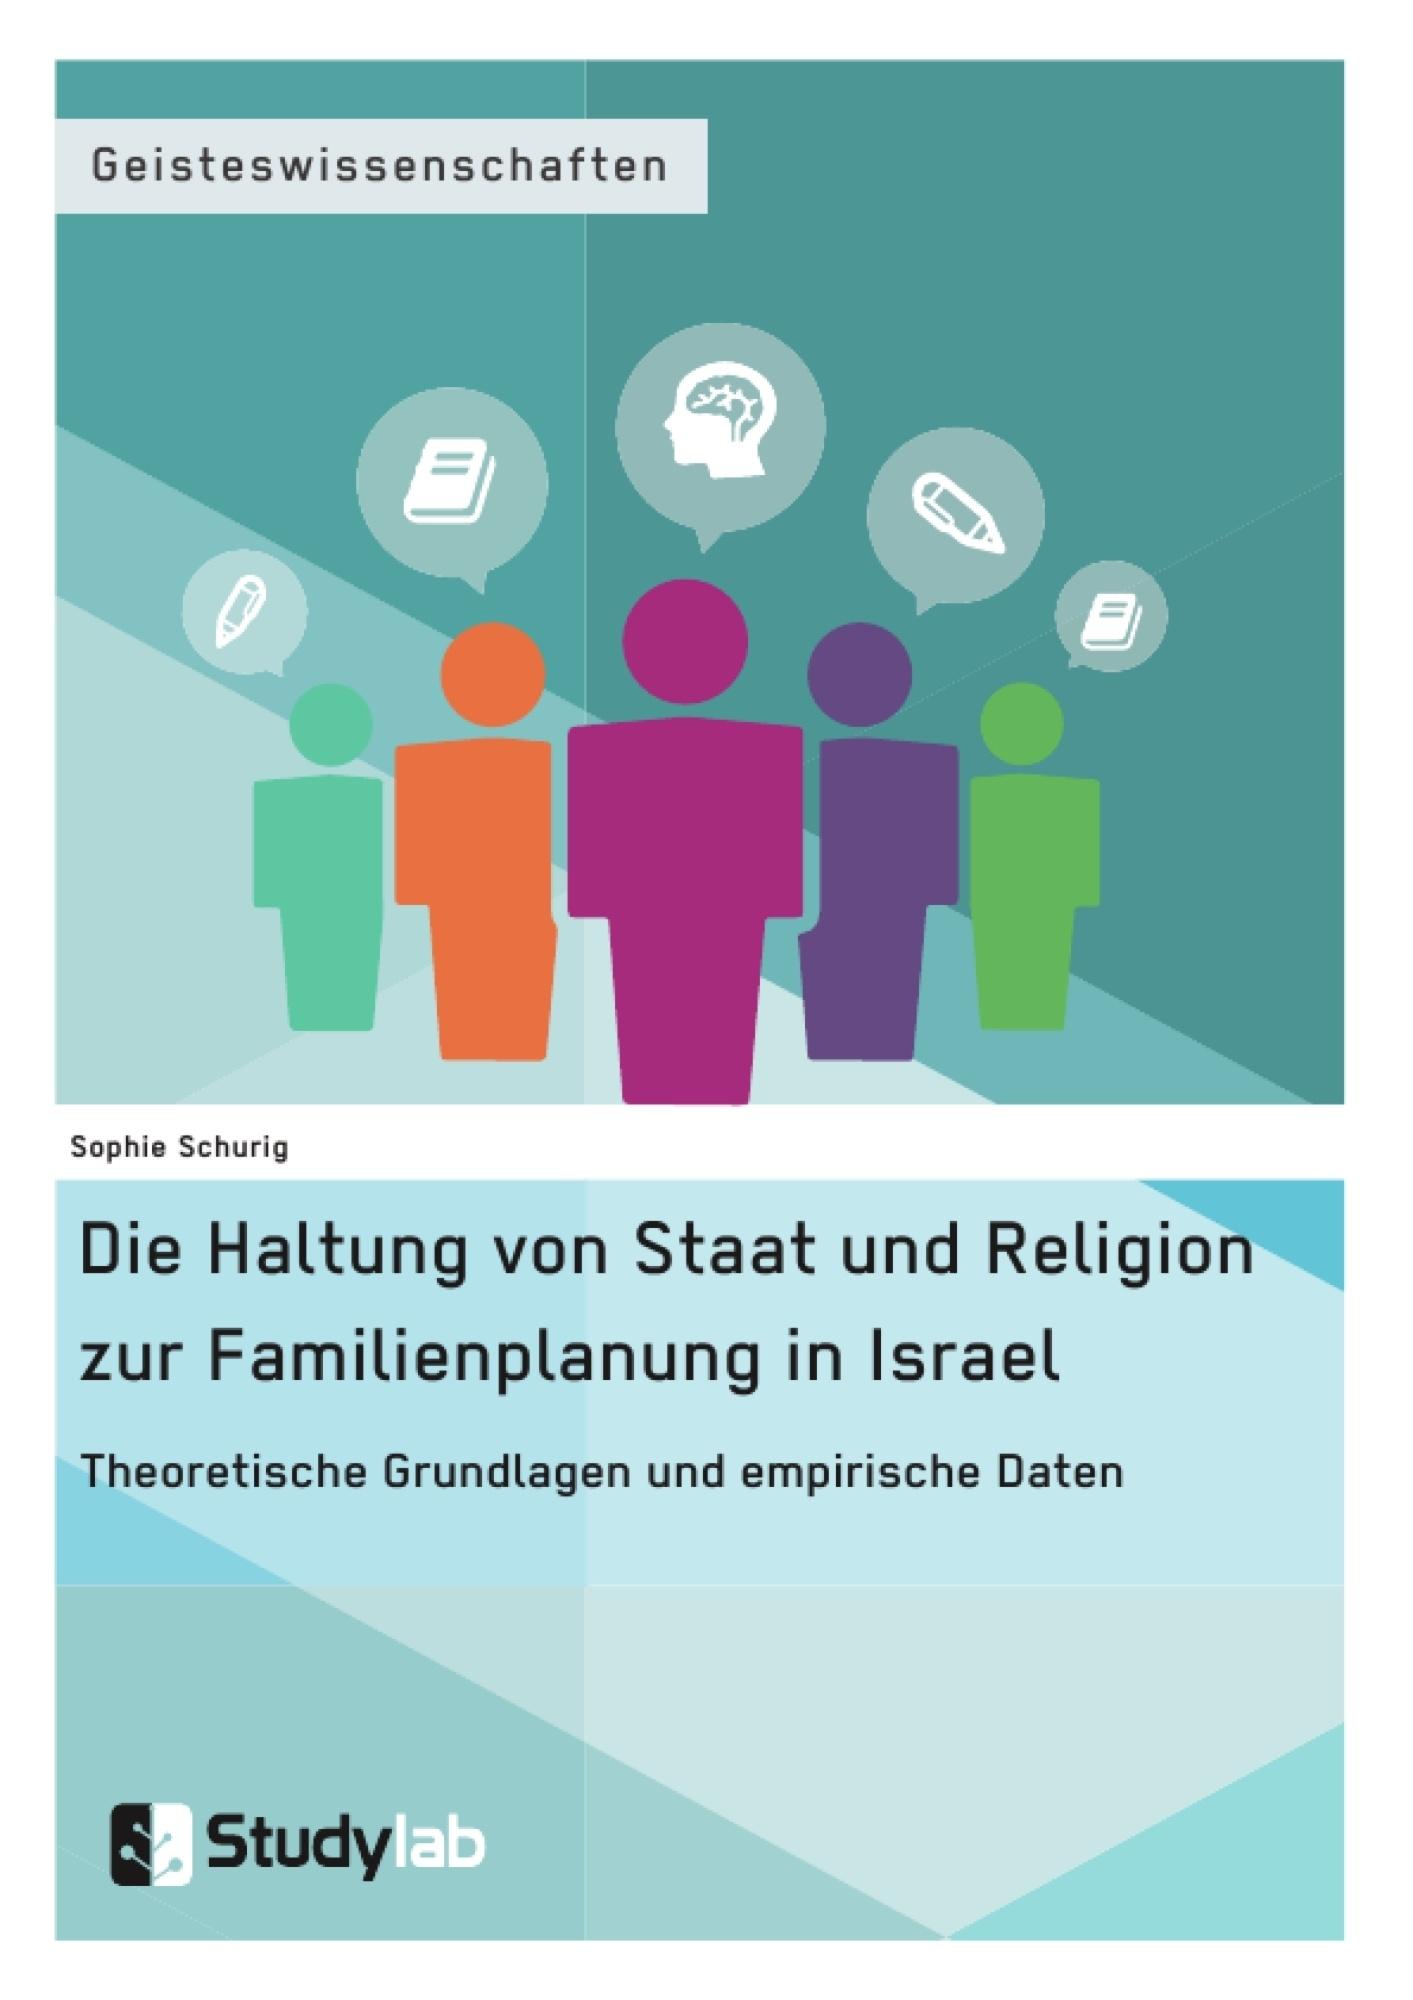 Titel: Die Haltung von Staat und Religion zur Familienplanung in Israel. Theoretische Grundlagen und empirische Daten